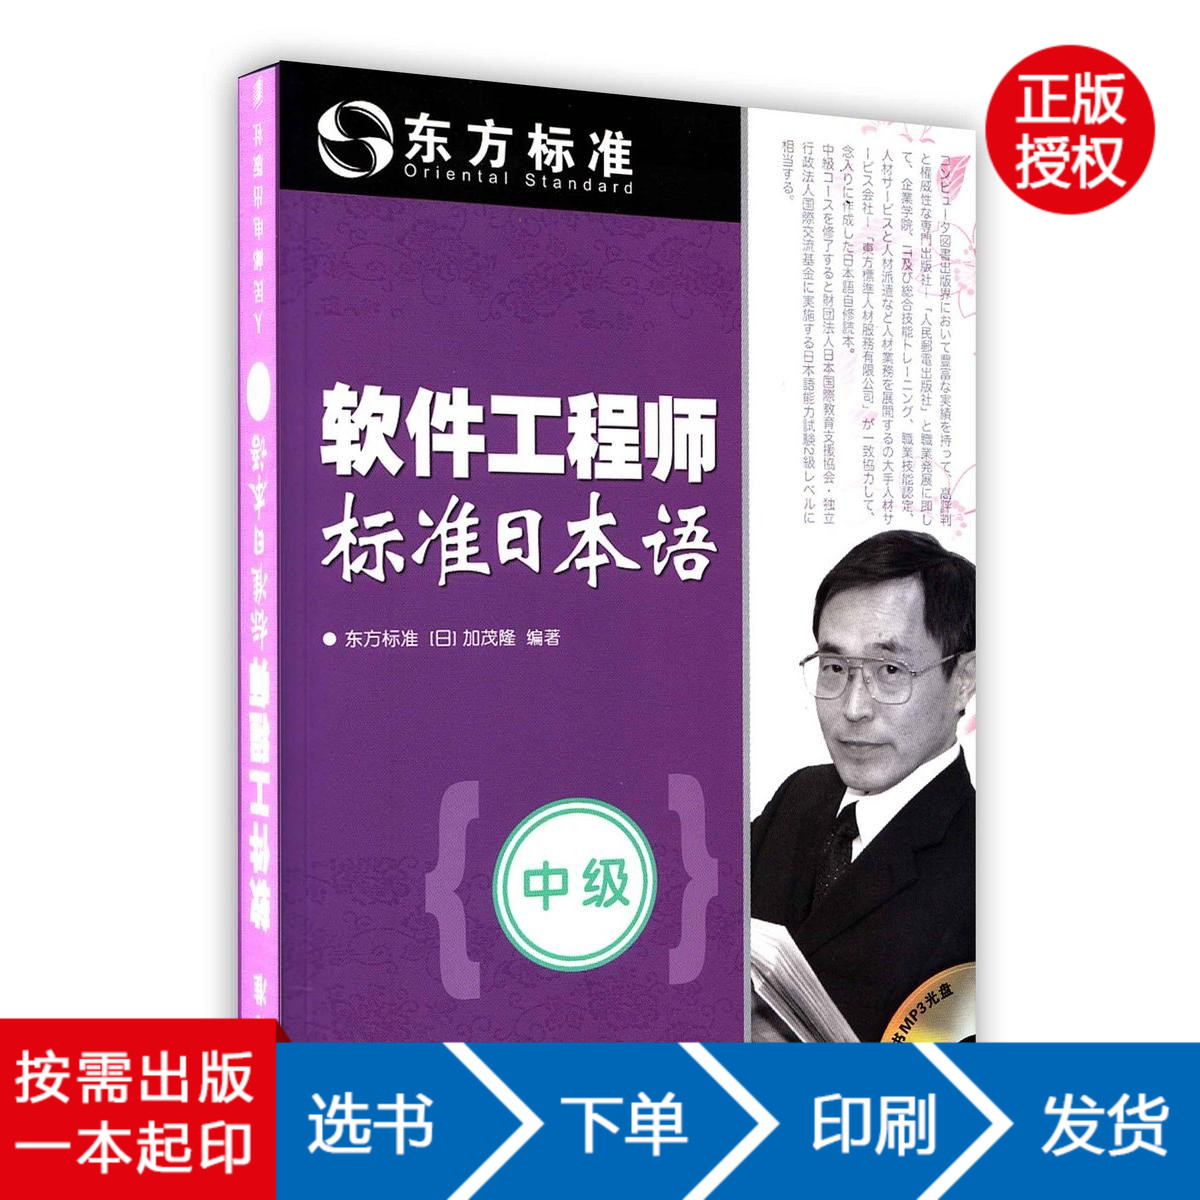 【虎彩 按需出版】软件工程师标准日本语(附光盘中级)不送光盘 人民邮电出版  虎彩按需出版